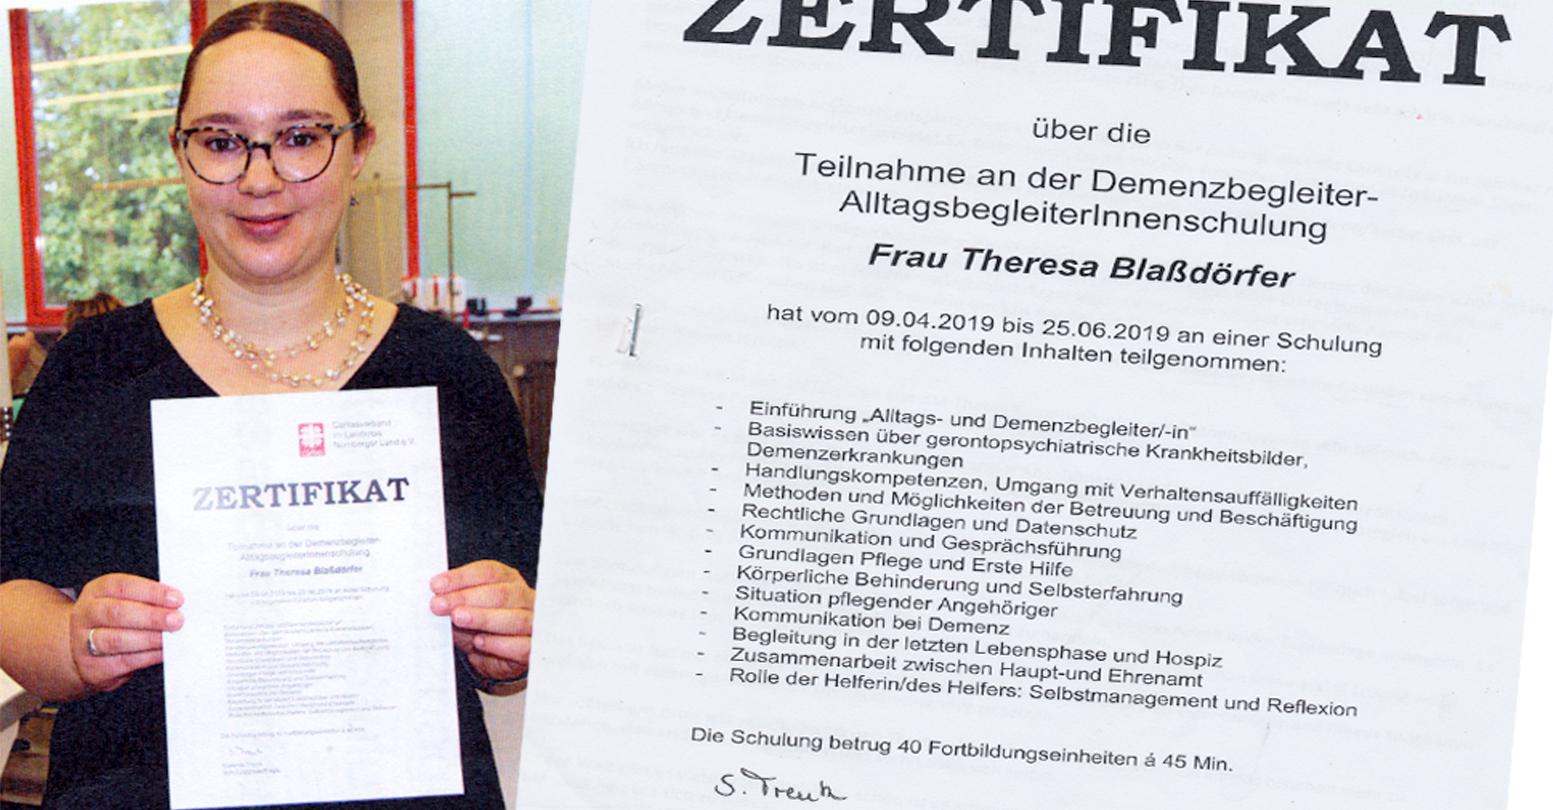 Stolz hält Theresa Blaßdörfer ihr Zertifikat zur Alltagsbegleiterin in die Kamera!